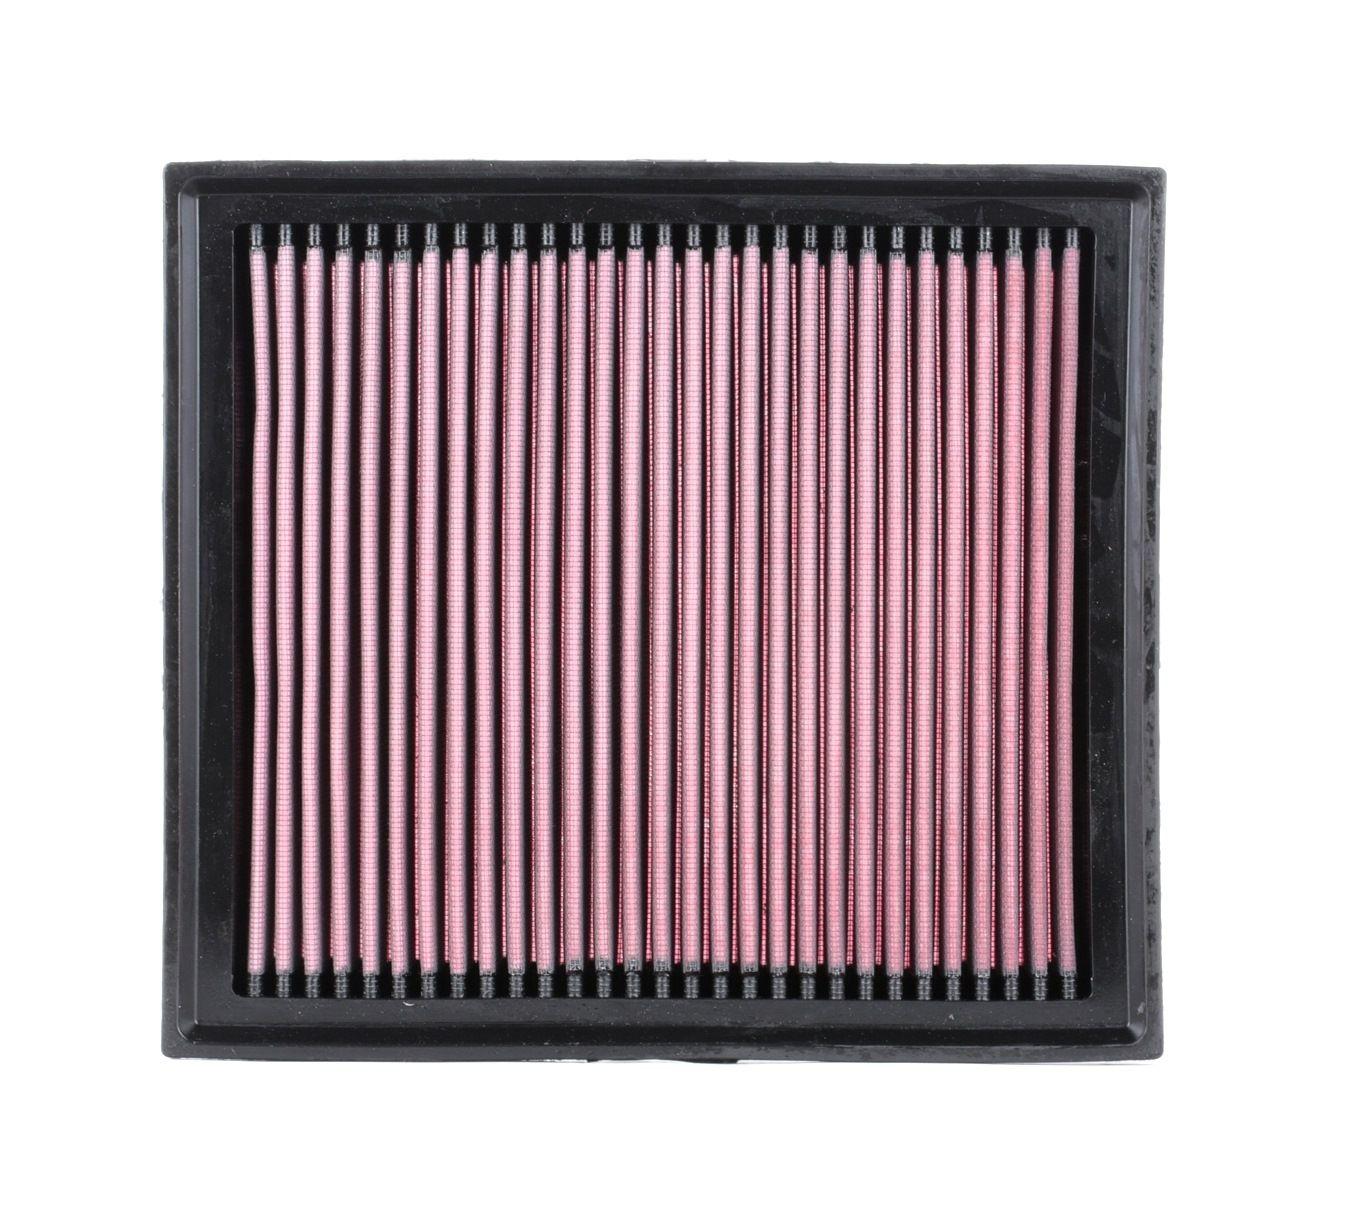 K&N Filters: Original Motorluftfilter 33-2962 (Länge: 289mm, Länge: 289mm, Breite: 257mm, Höhe: 41mm)